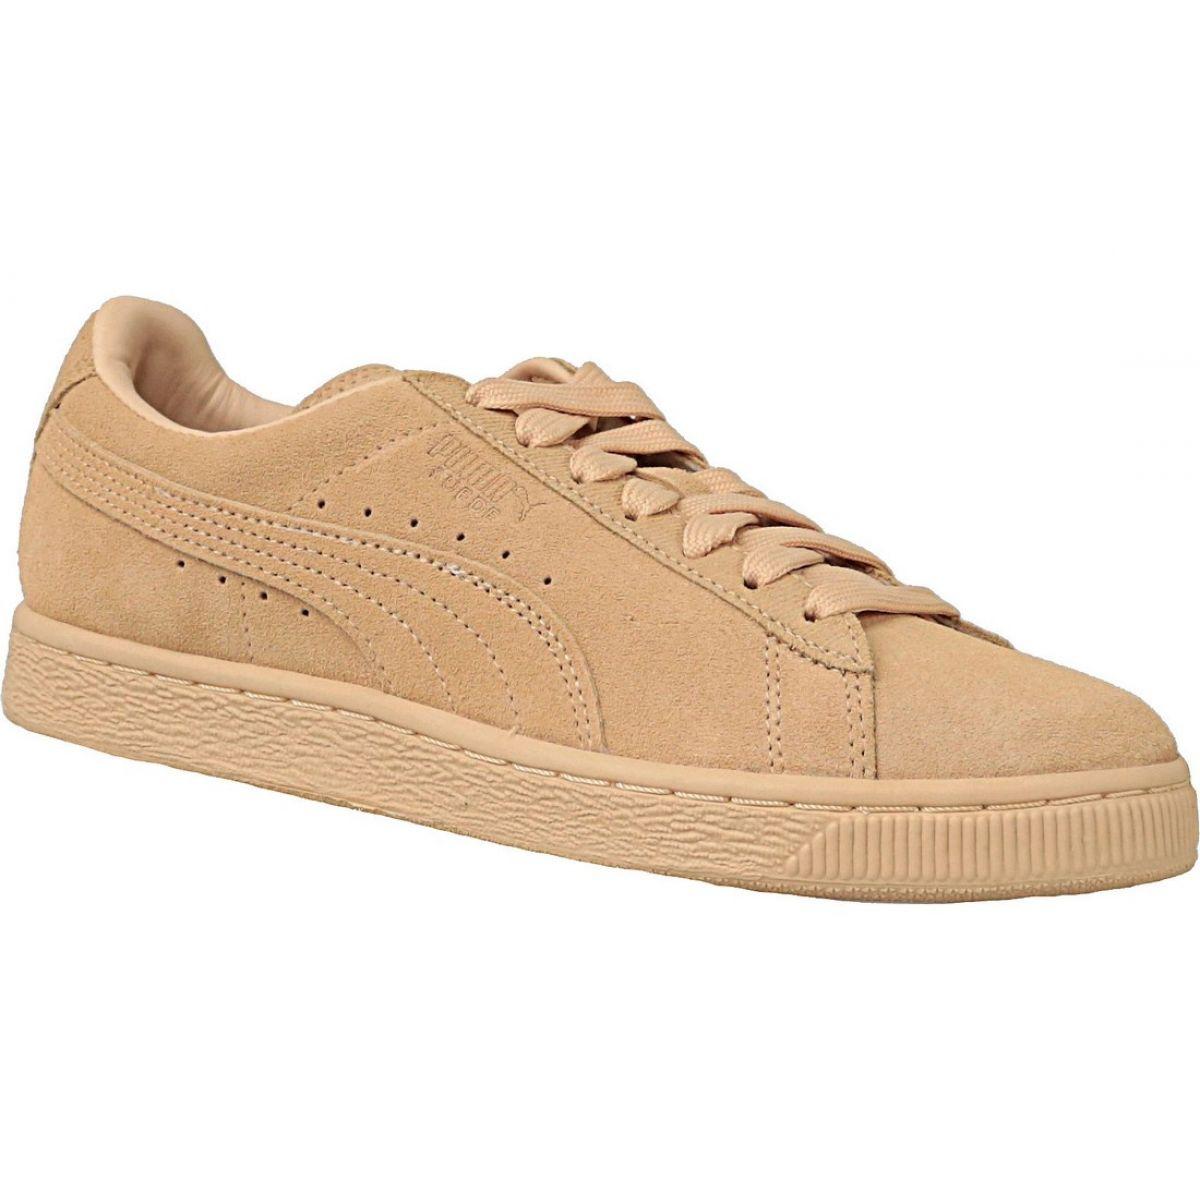 Détails sur Puma Suede Classic Tonal W 362595 02 chaussures orange